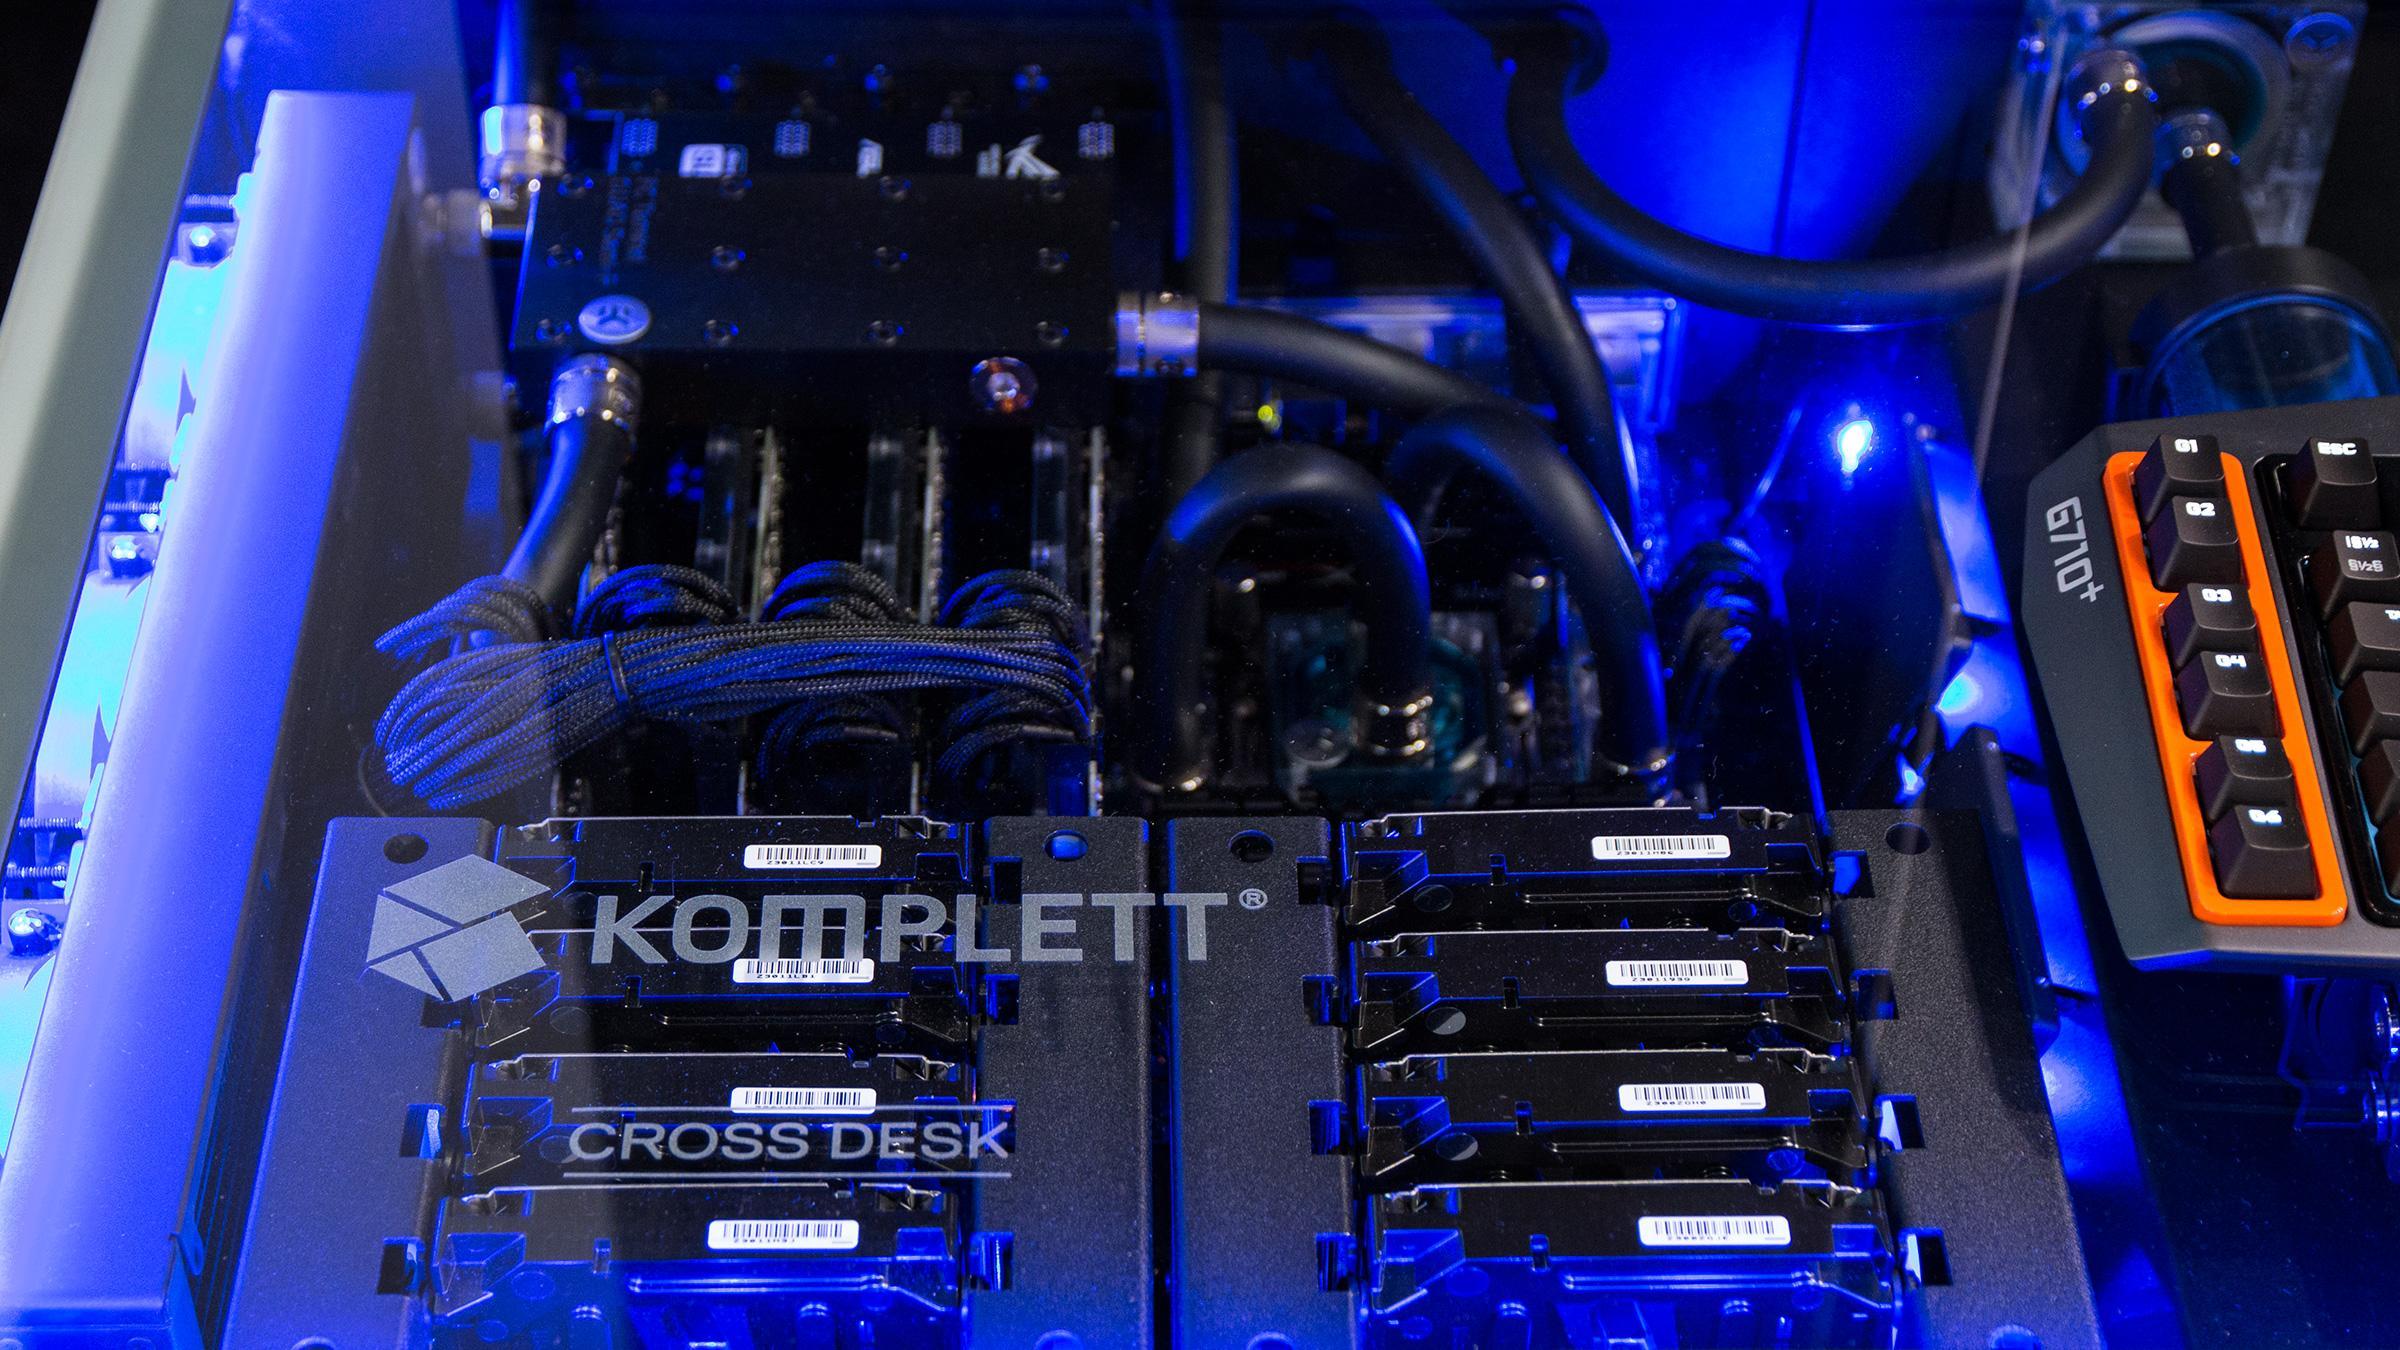 Hver av de to maskinene har 16 terabyte med SSHD-lagring, fordelt over fire disker, i tillegg til sine egne SSD-er.Foto: Ole Henrik Johansen, Hardware.no